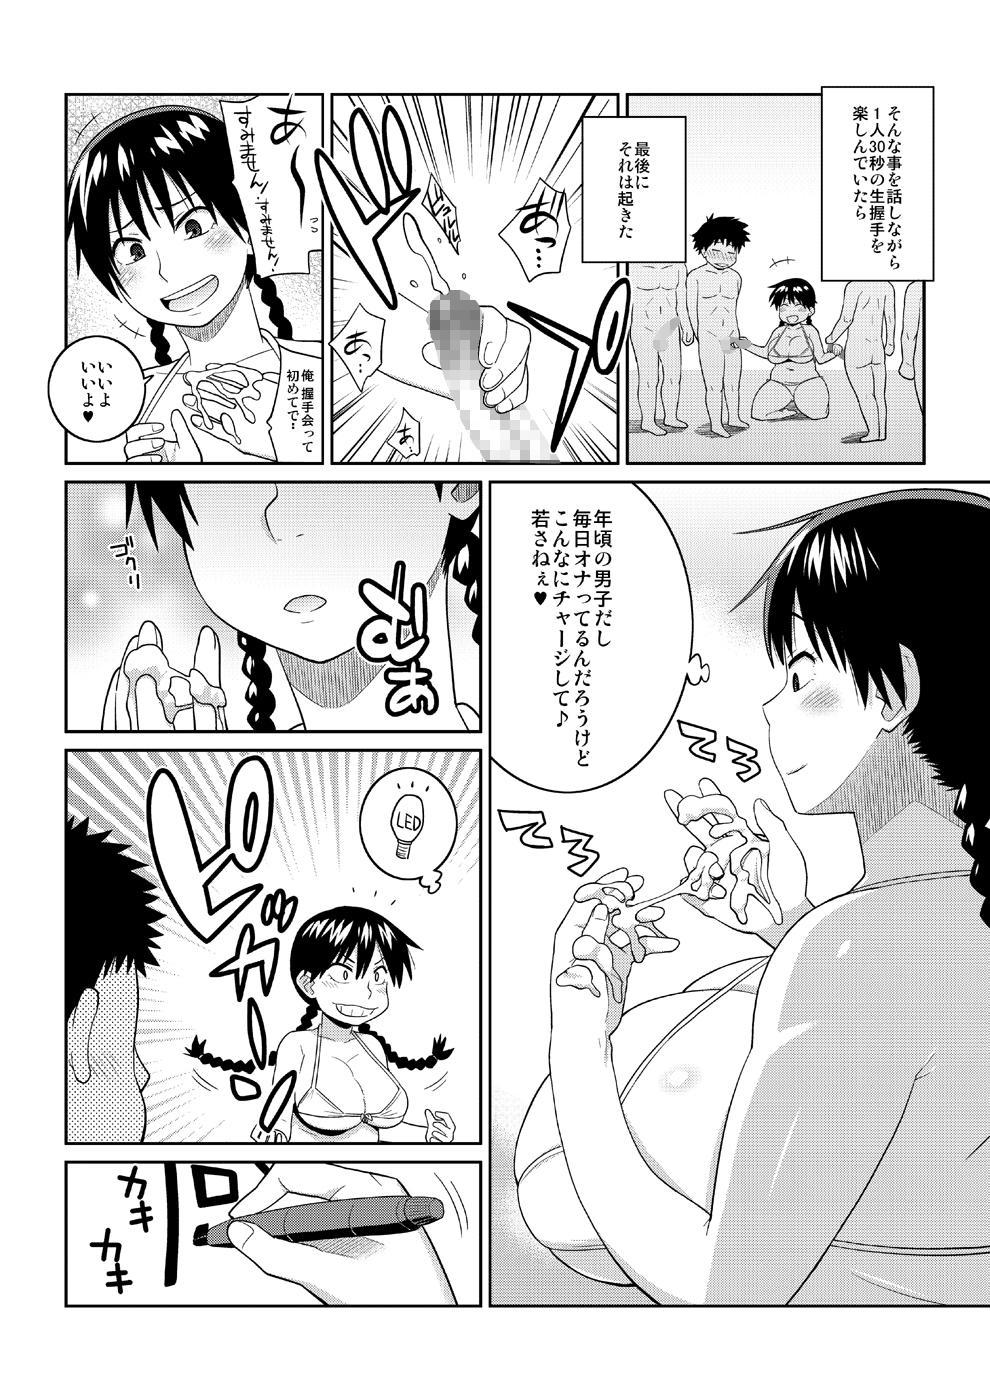 Momokan to Nama Akushu-kai Dekiru Yakyuubushitsu 8